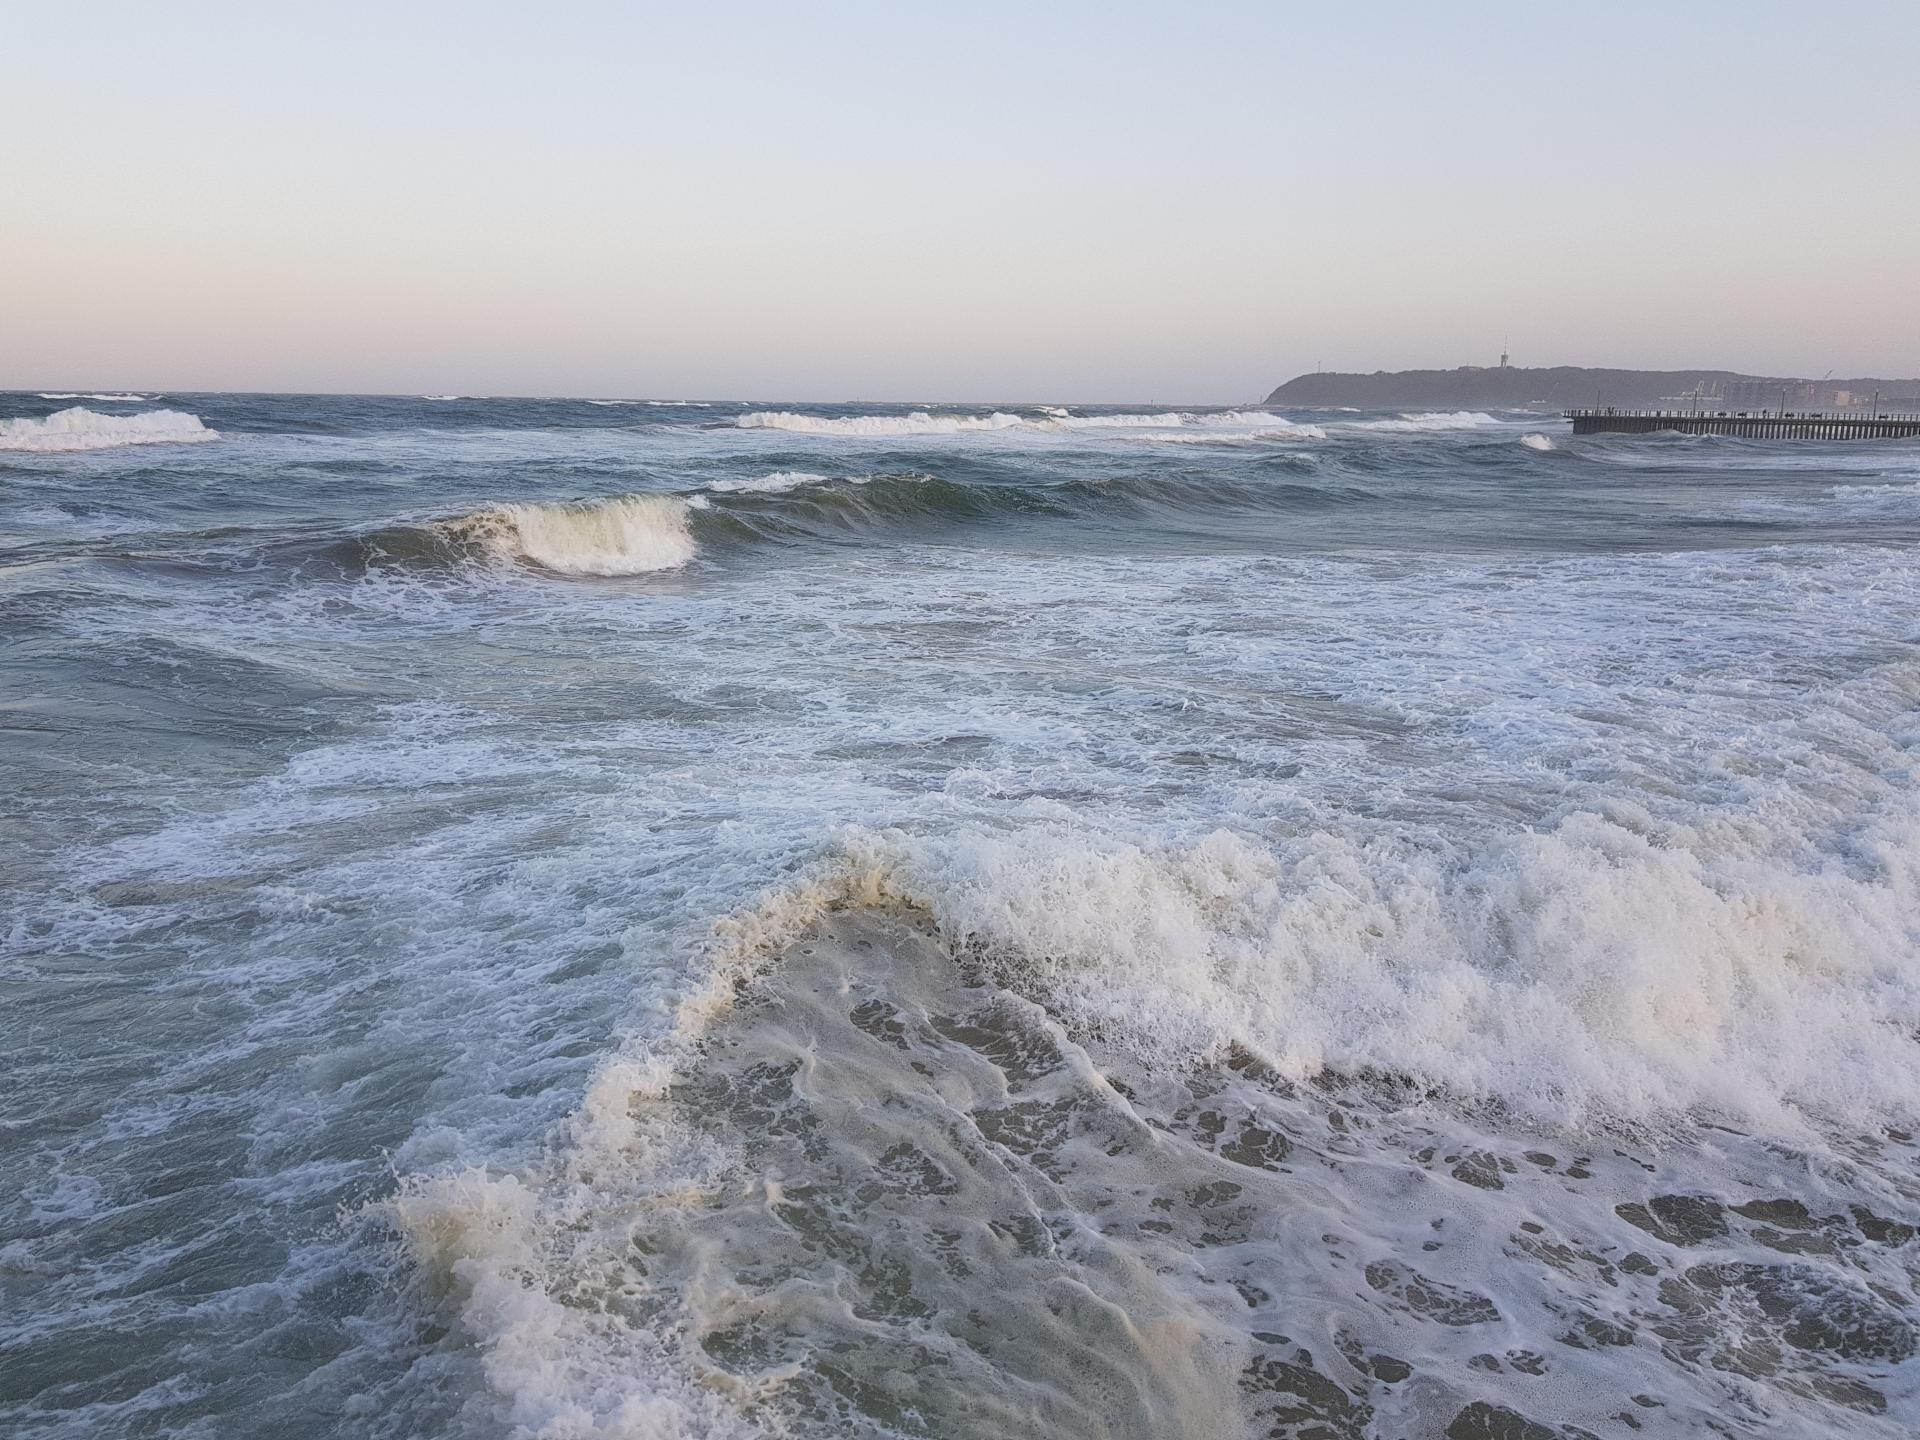 волны в Индийском океане, ЮАР